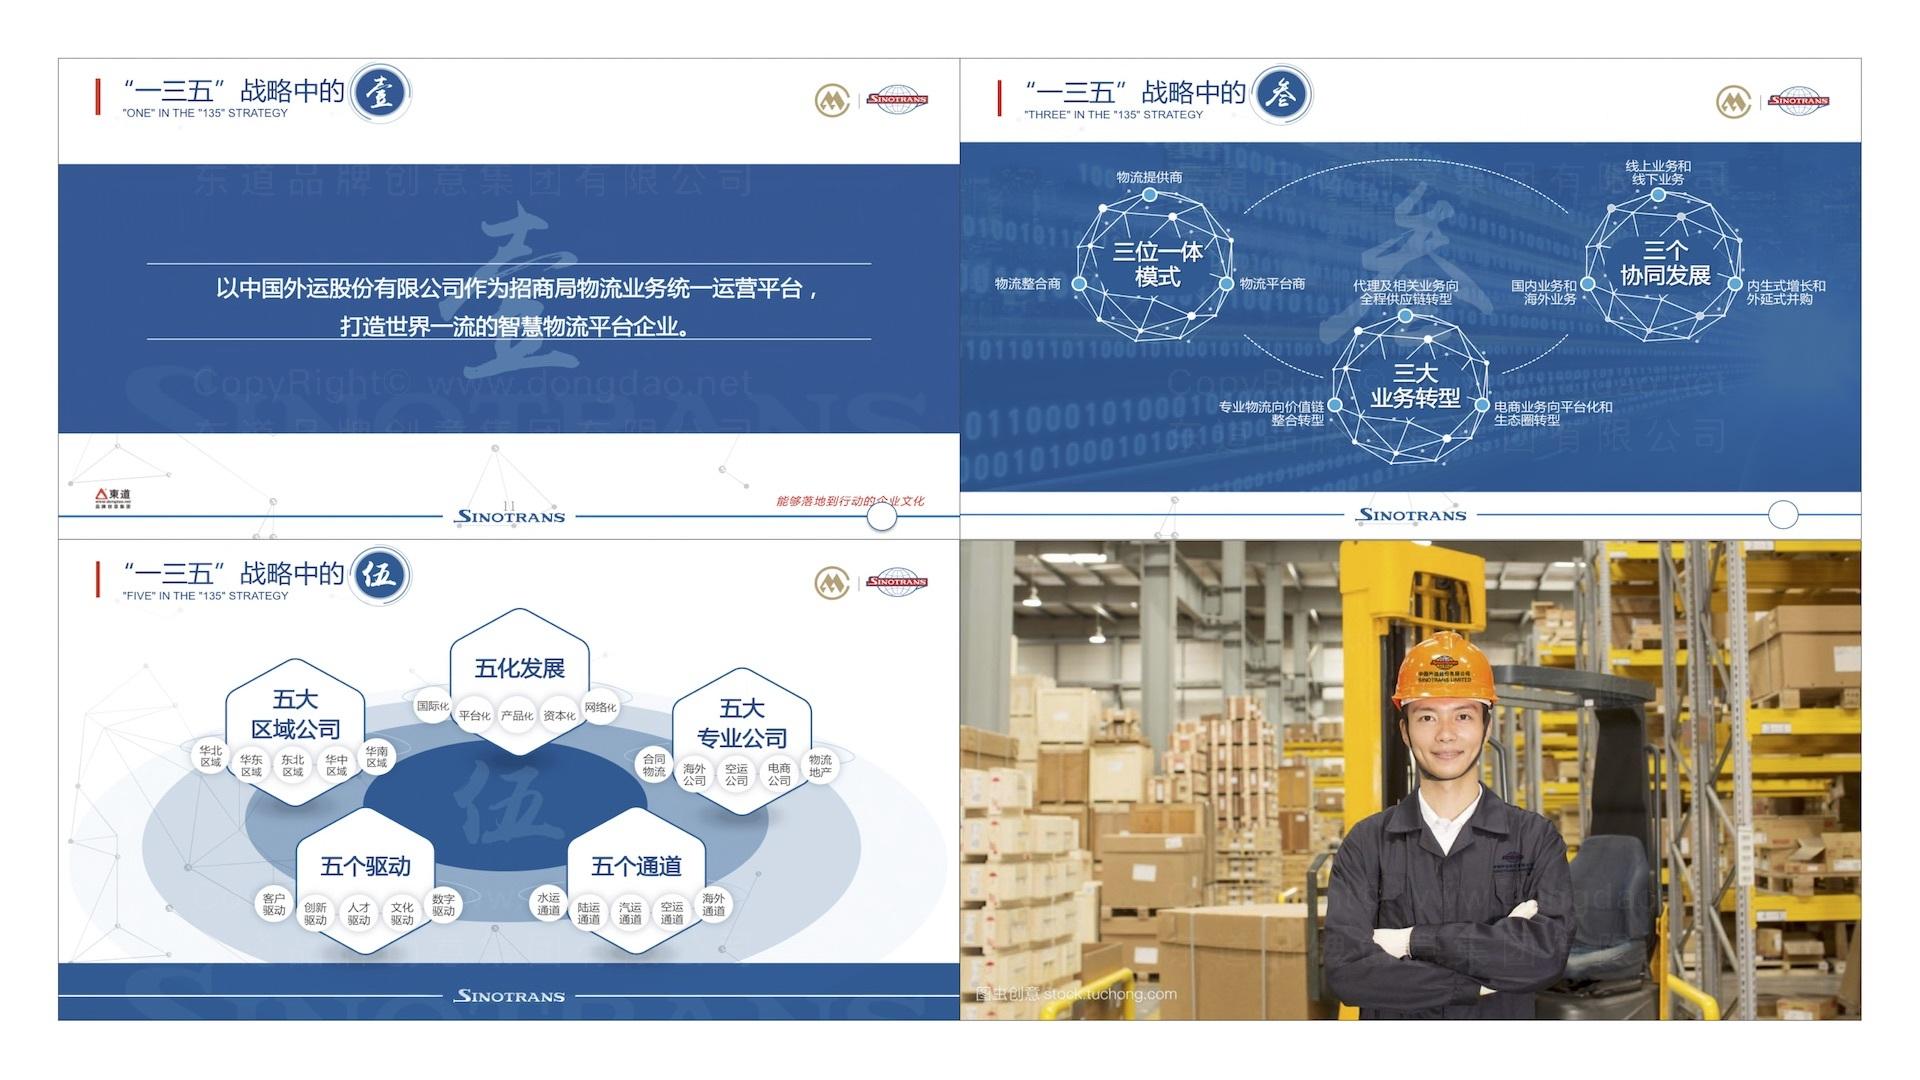 品牌战略&企业文化中国外运企业文化落地项目企业文化手册应用场景